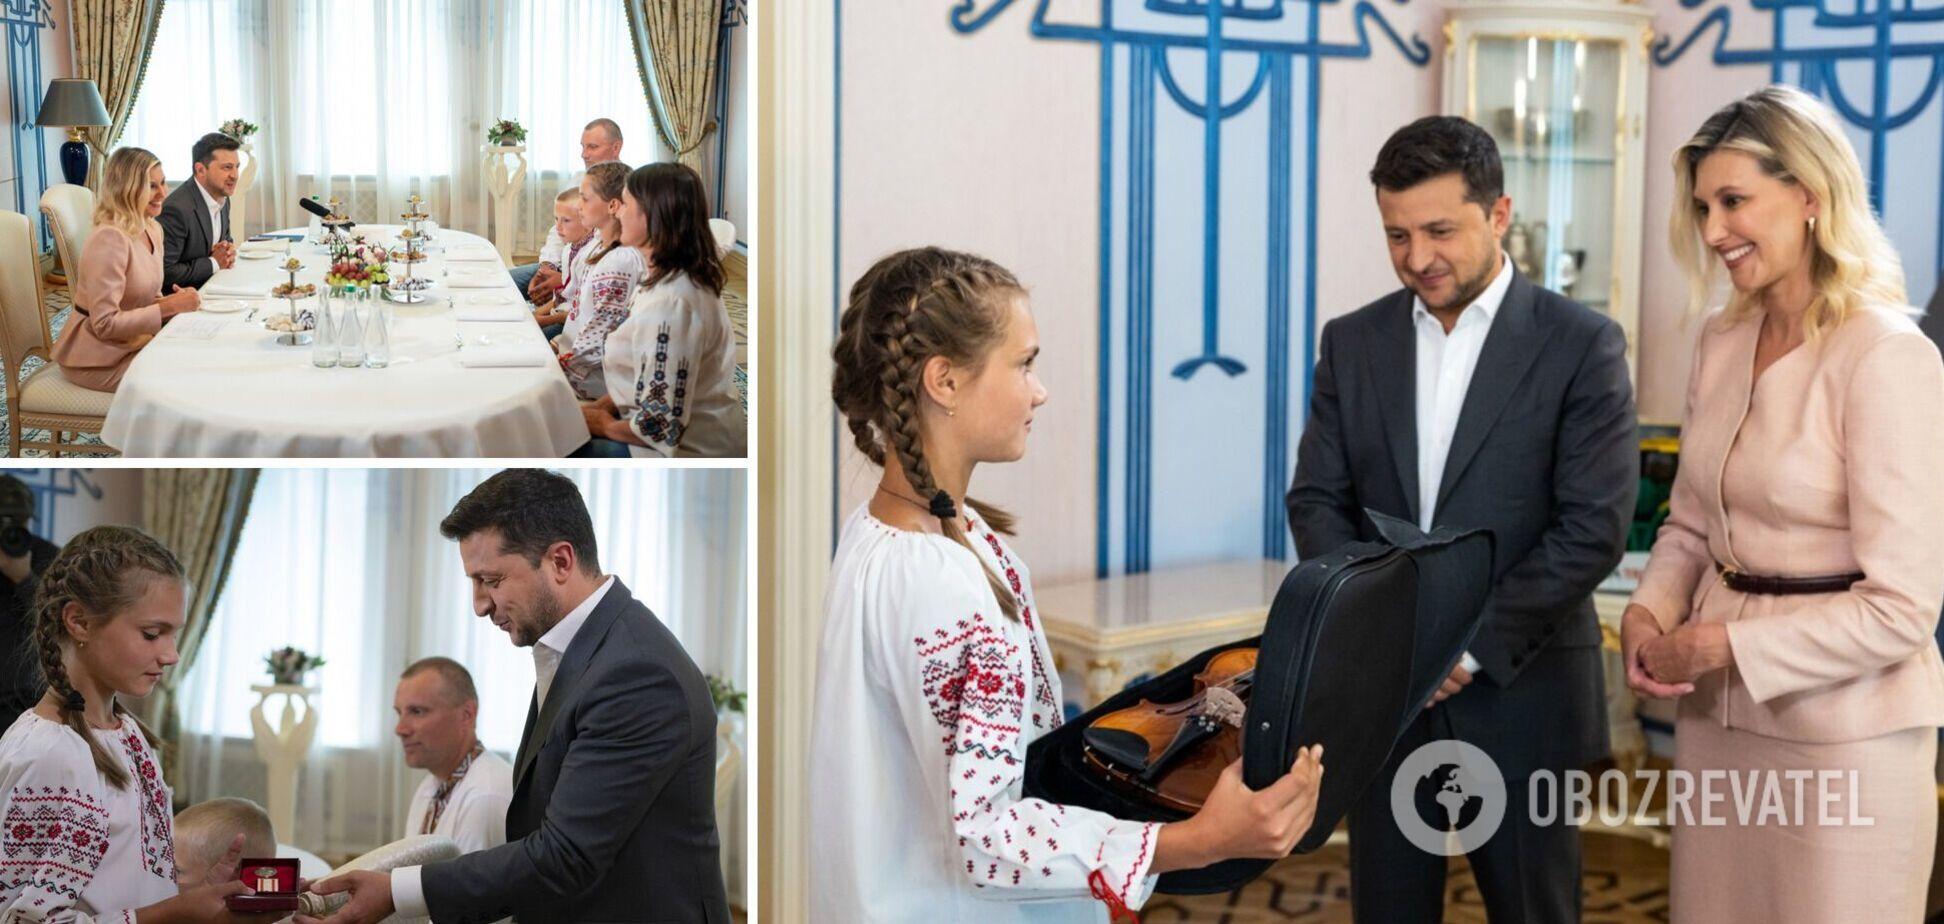 Зеленские встретились с девочкой, спасшей 4-х детей на Закарпатье, и сделали подарок. Фото